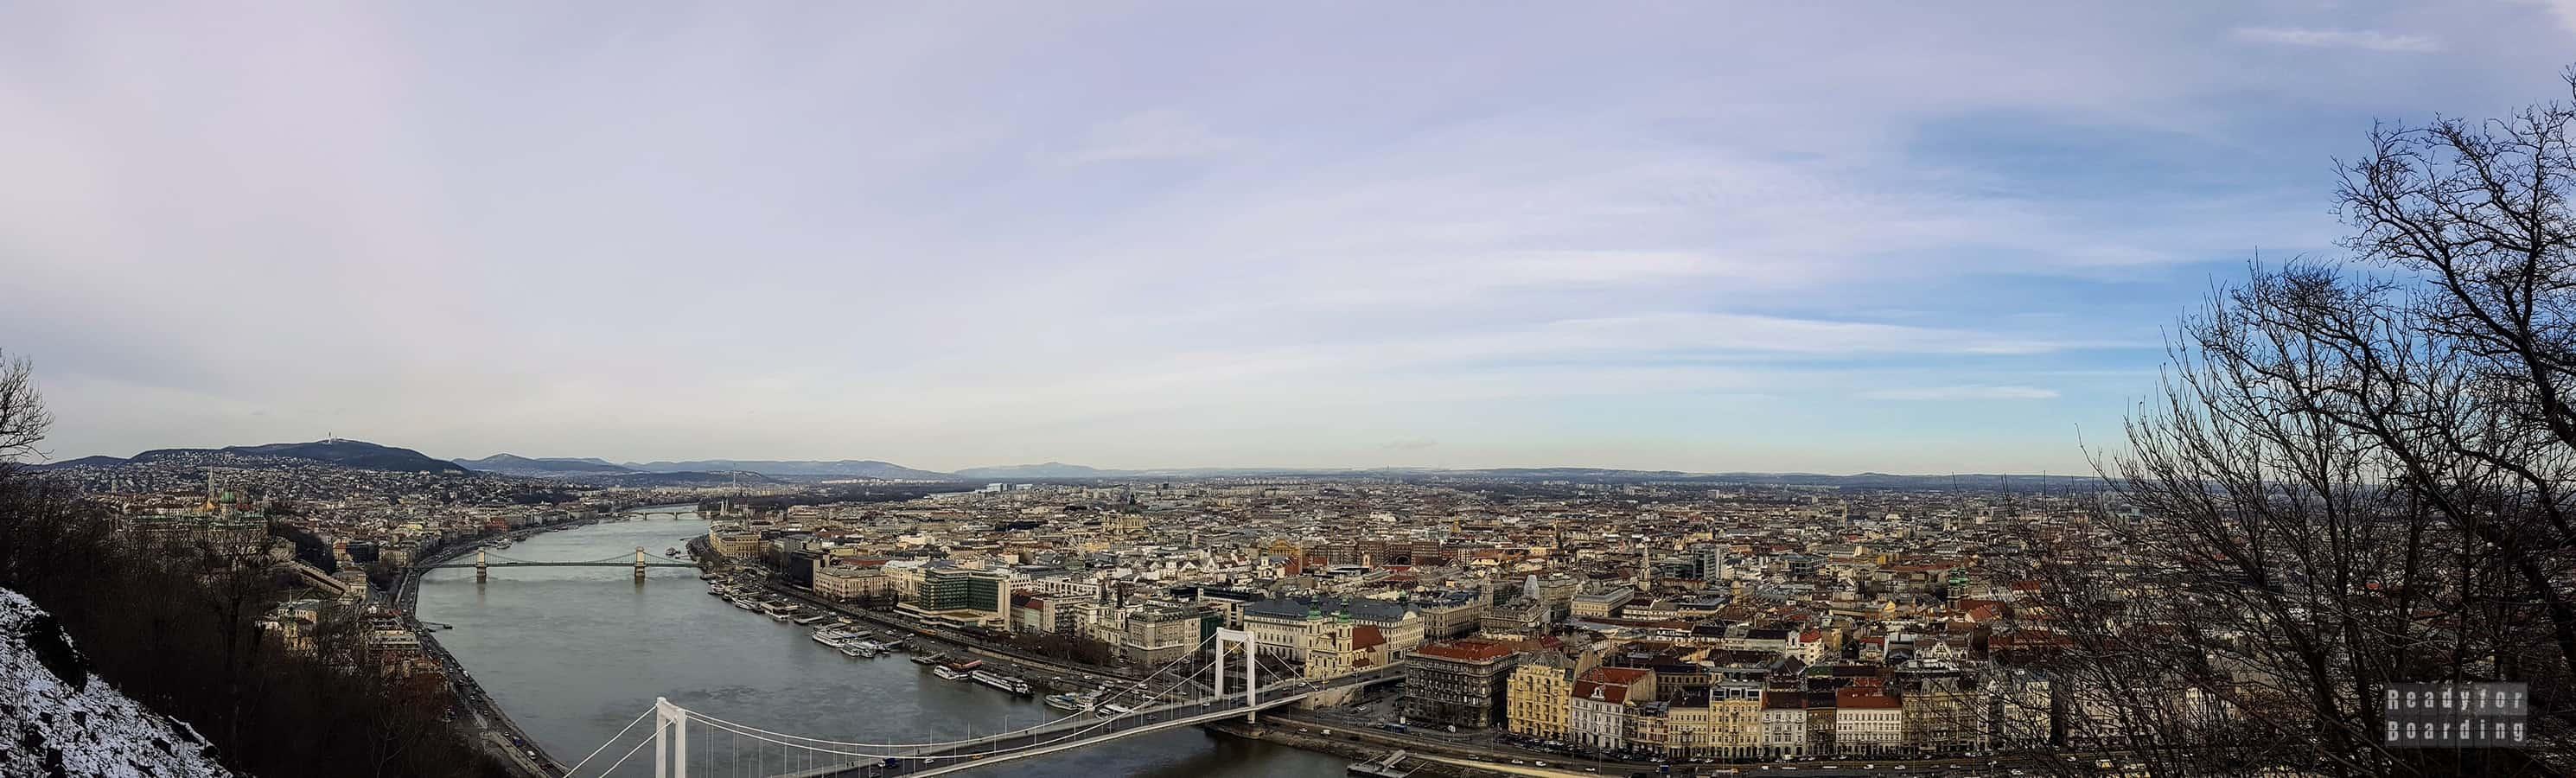 Panorama: Widok z Góry Gellerta, Budapeszt - Węgry